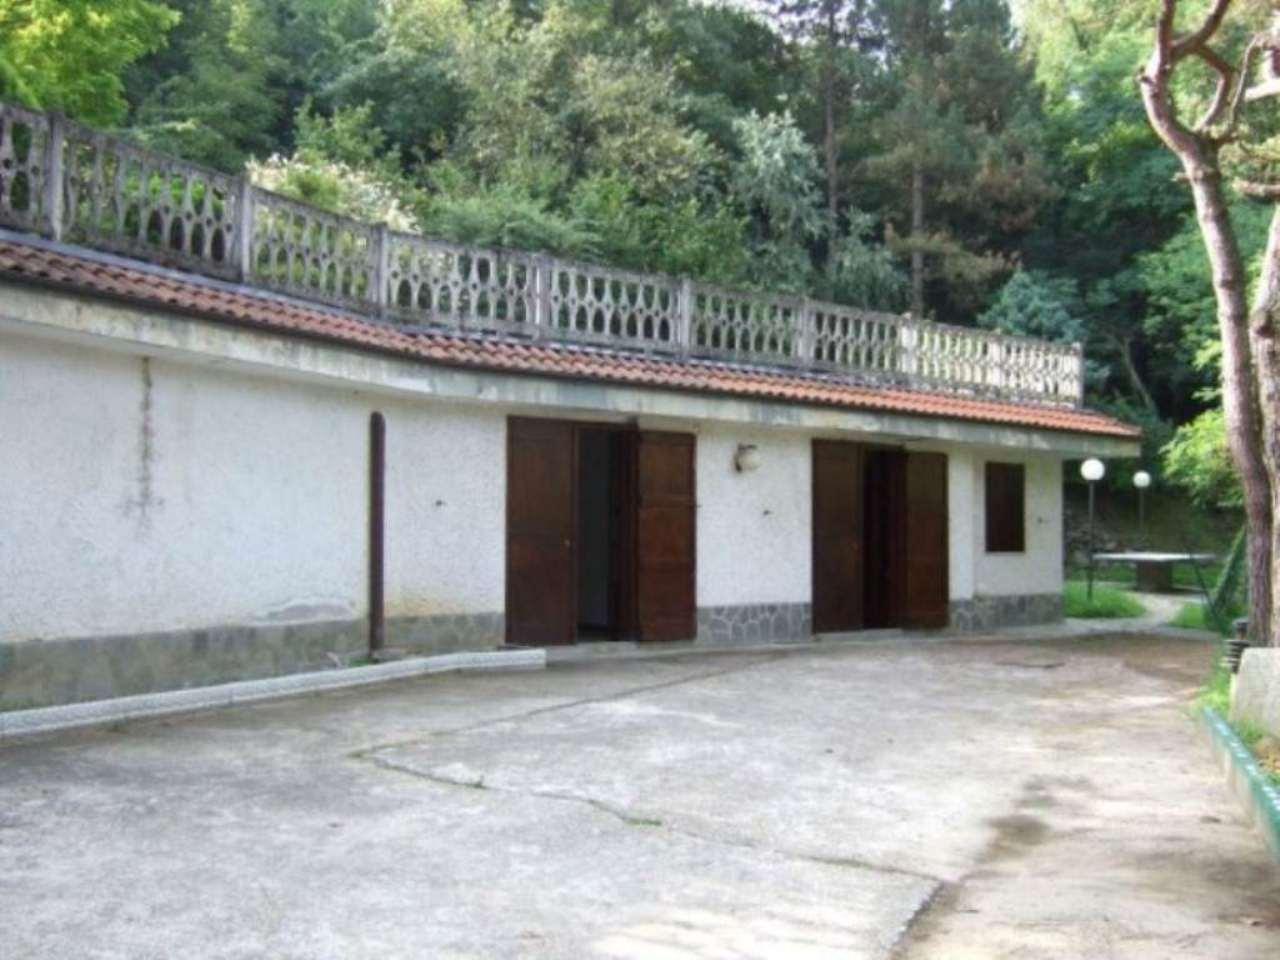 Soluzione Indipendente in vendita a Piovà Massaia, 2 locali, prezzo € 60.000 | PortaleAgenzieImmobiliari.it